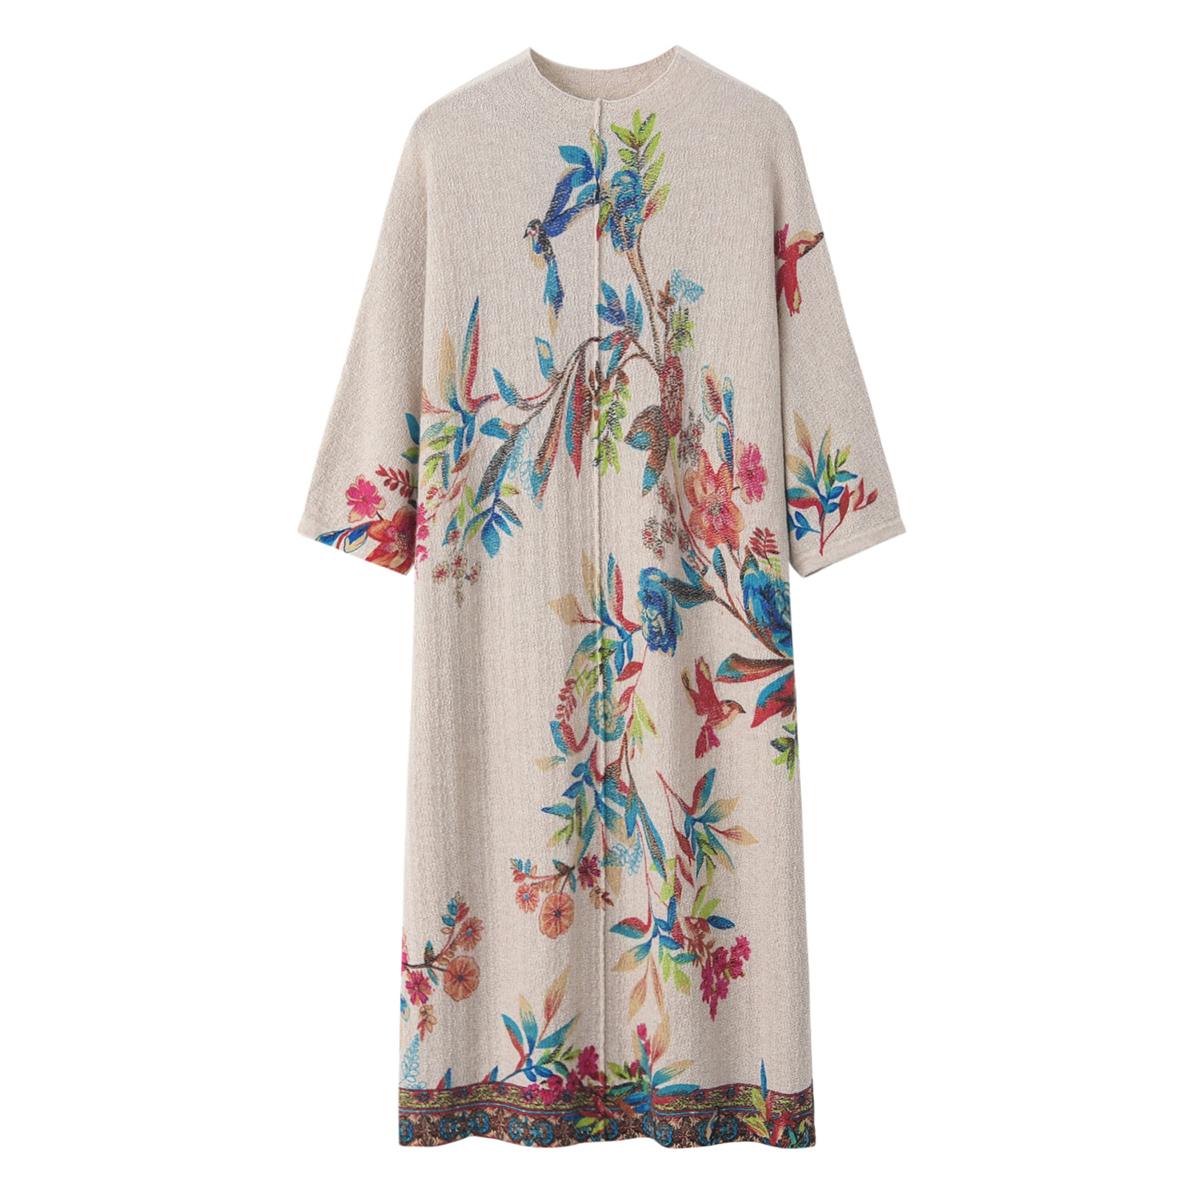 2020秋冬新款时尚羊绒衫女式圆领中长款全身印花针织衫毛衣连衣裙